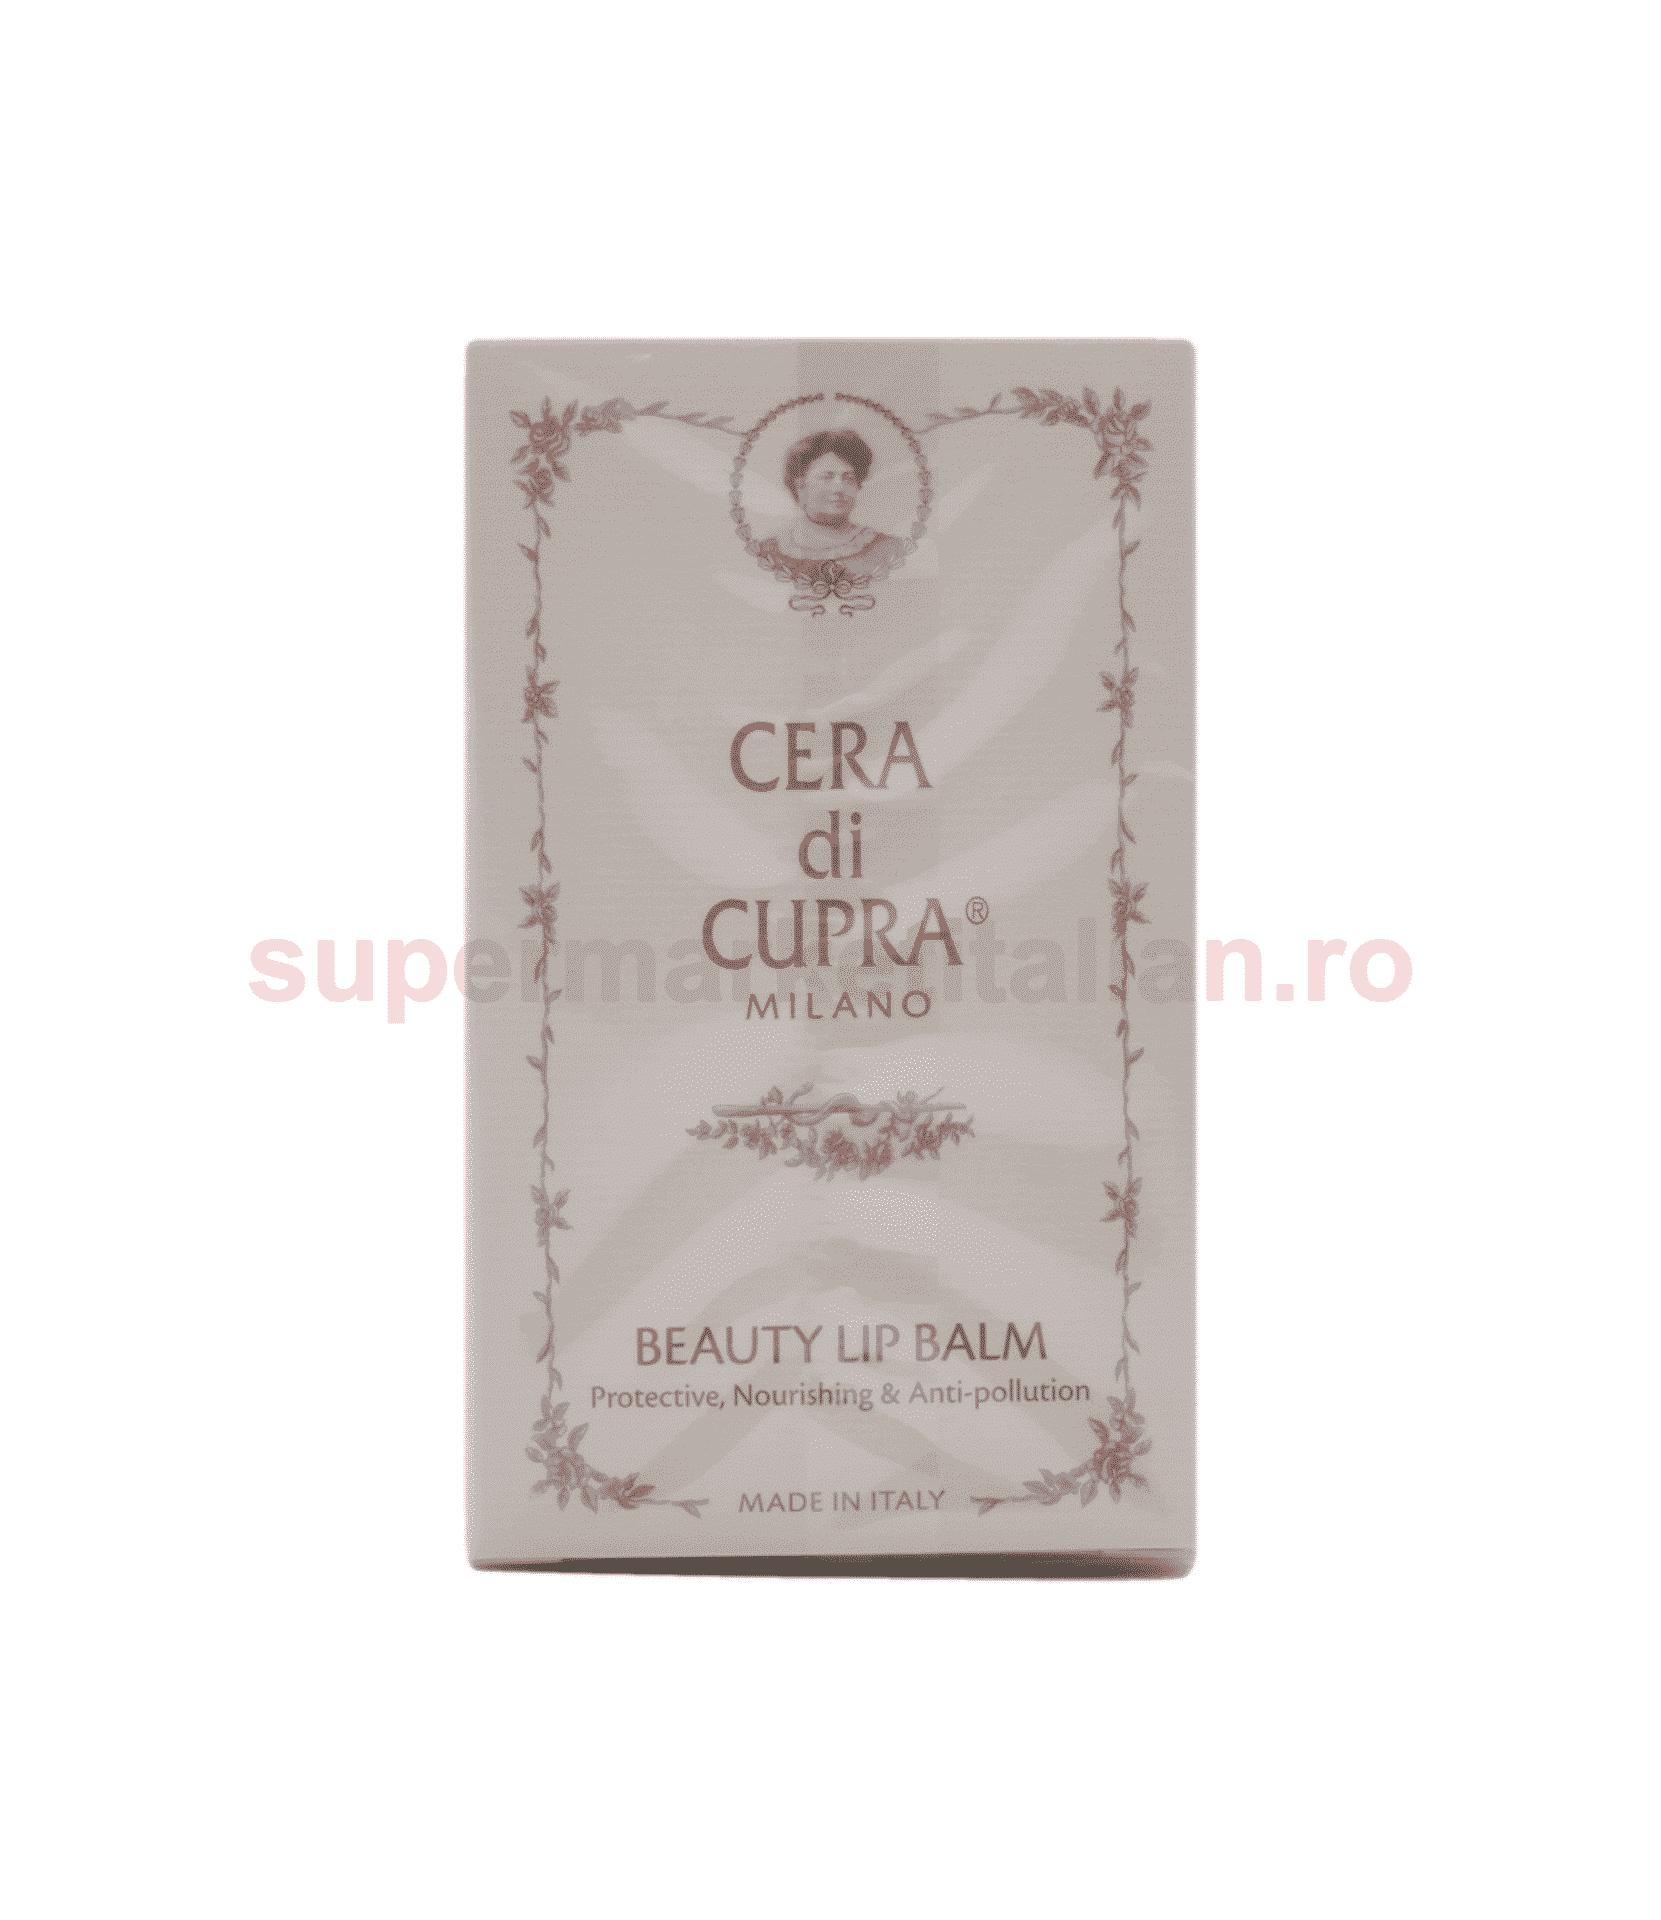 Balsam de buze Cera di Cupra Bianca 10 ml 8002140055201 1